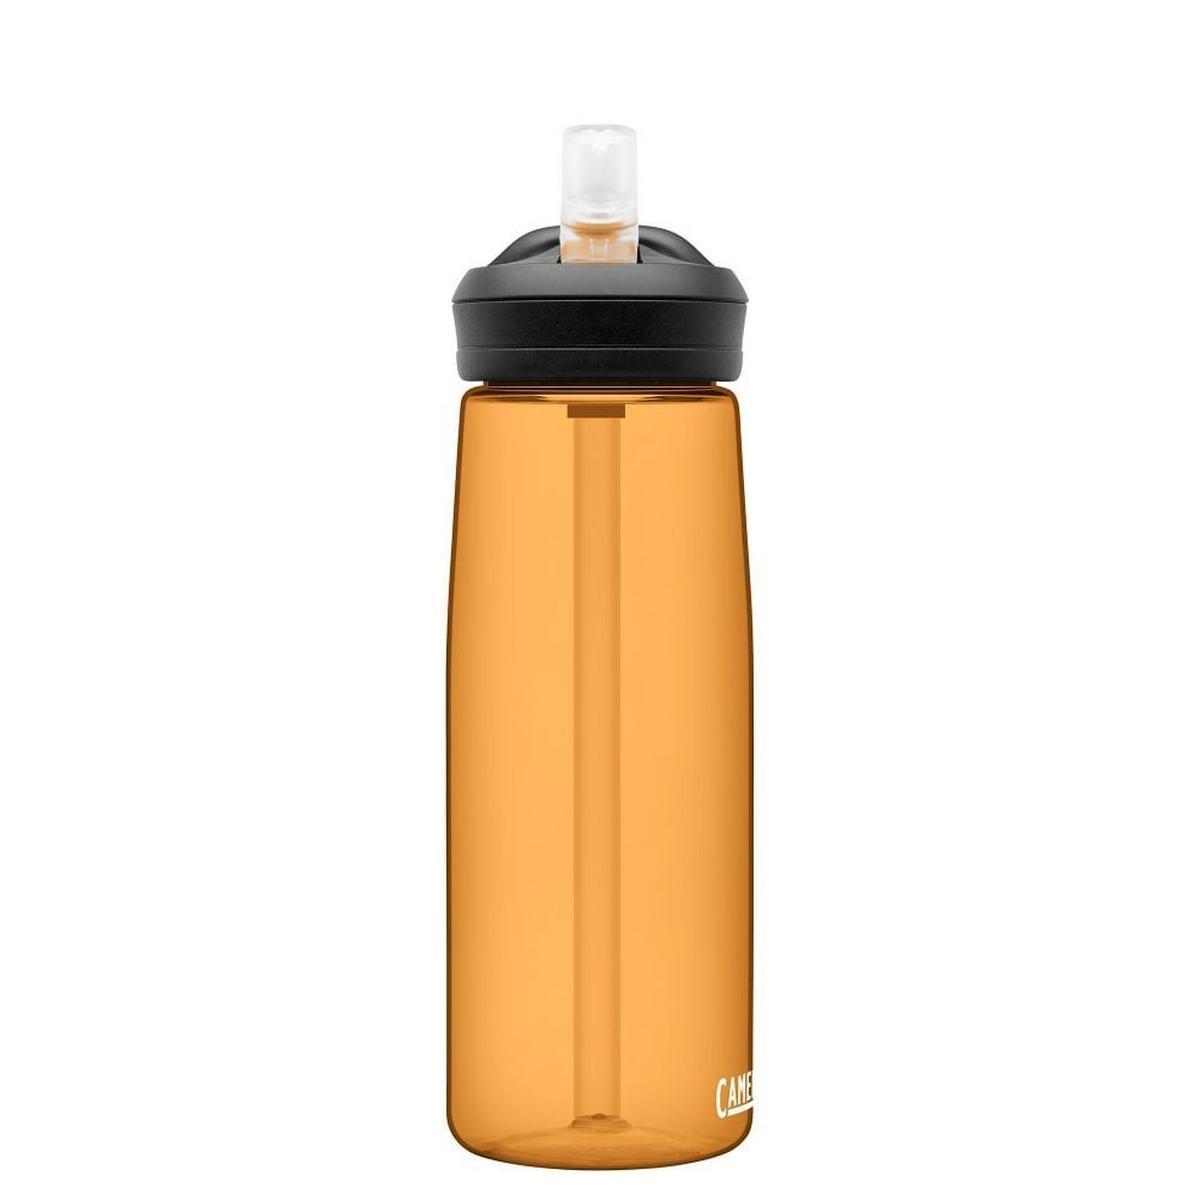 Camelbak Eddy+ Bottle 740ml